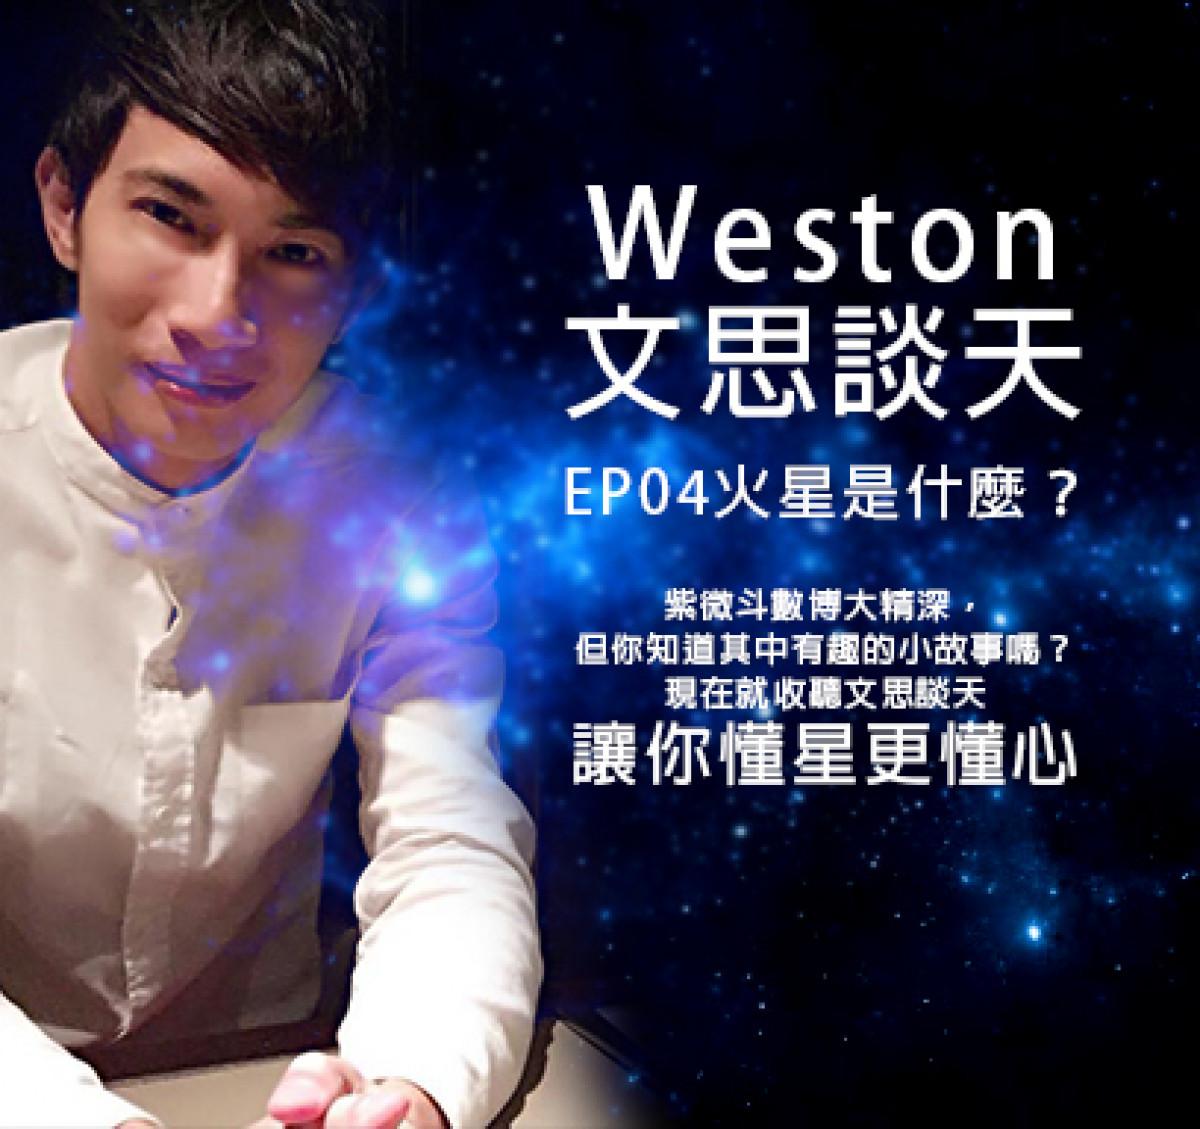 文思談天-紫微斗數EP04|火星是什麼?